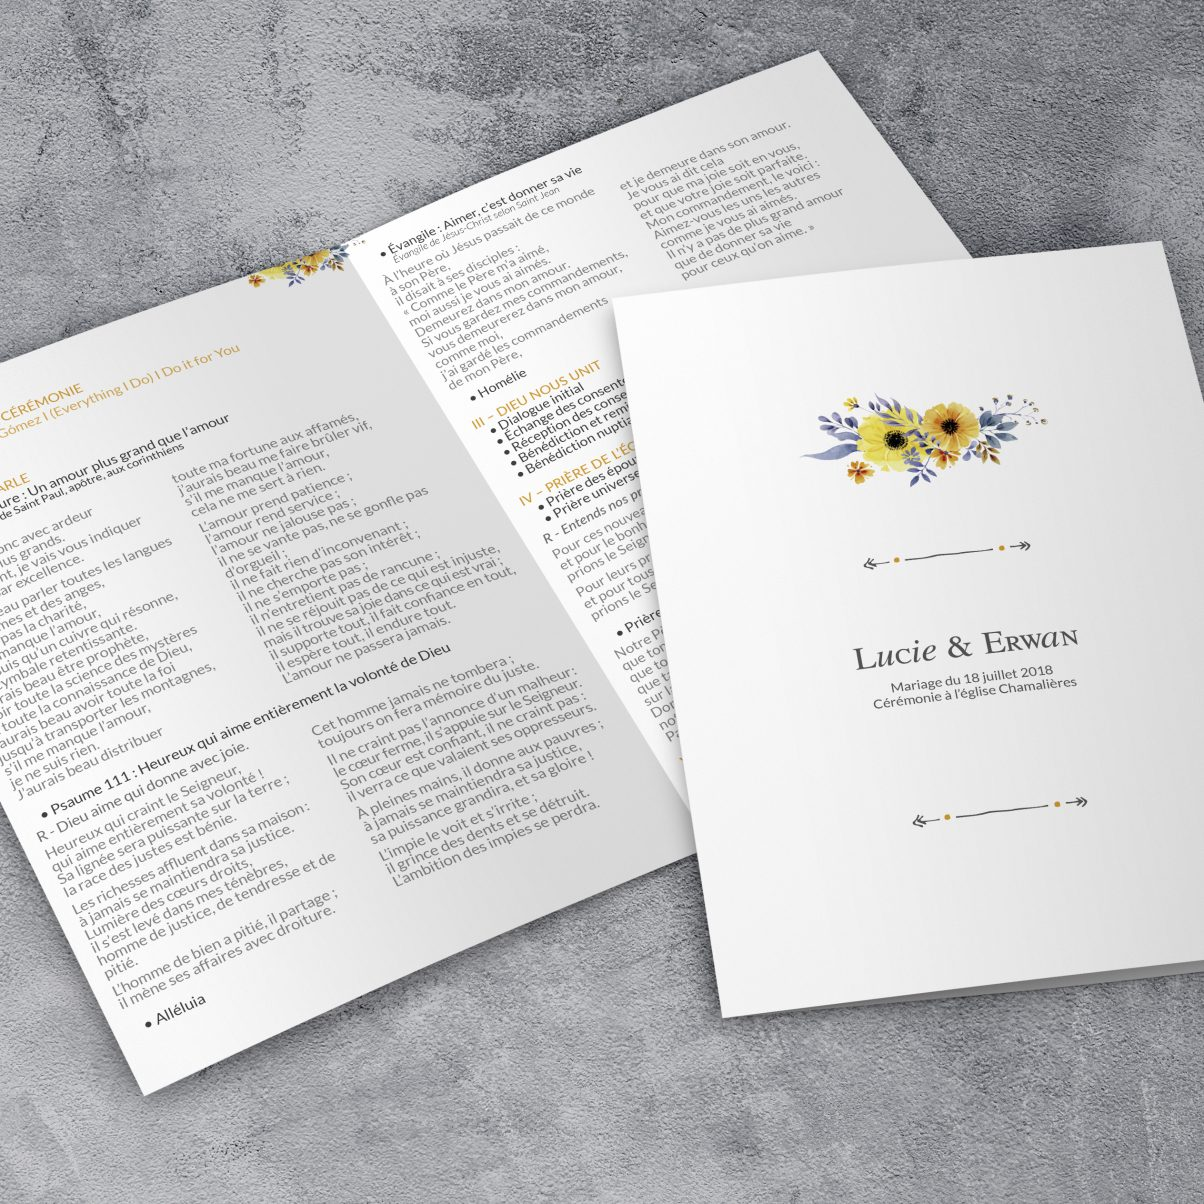 Le livret de messe de mariage de Lucie & Erwan